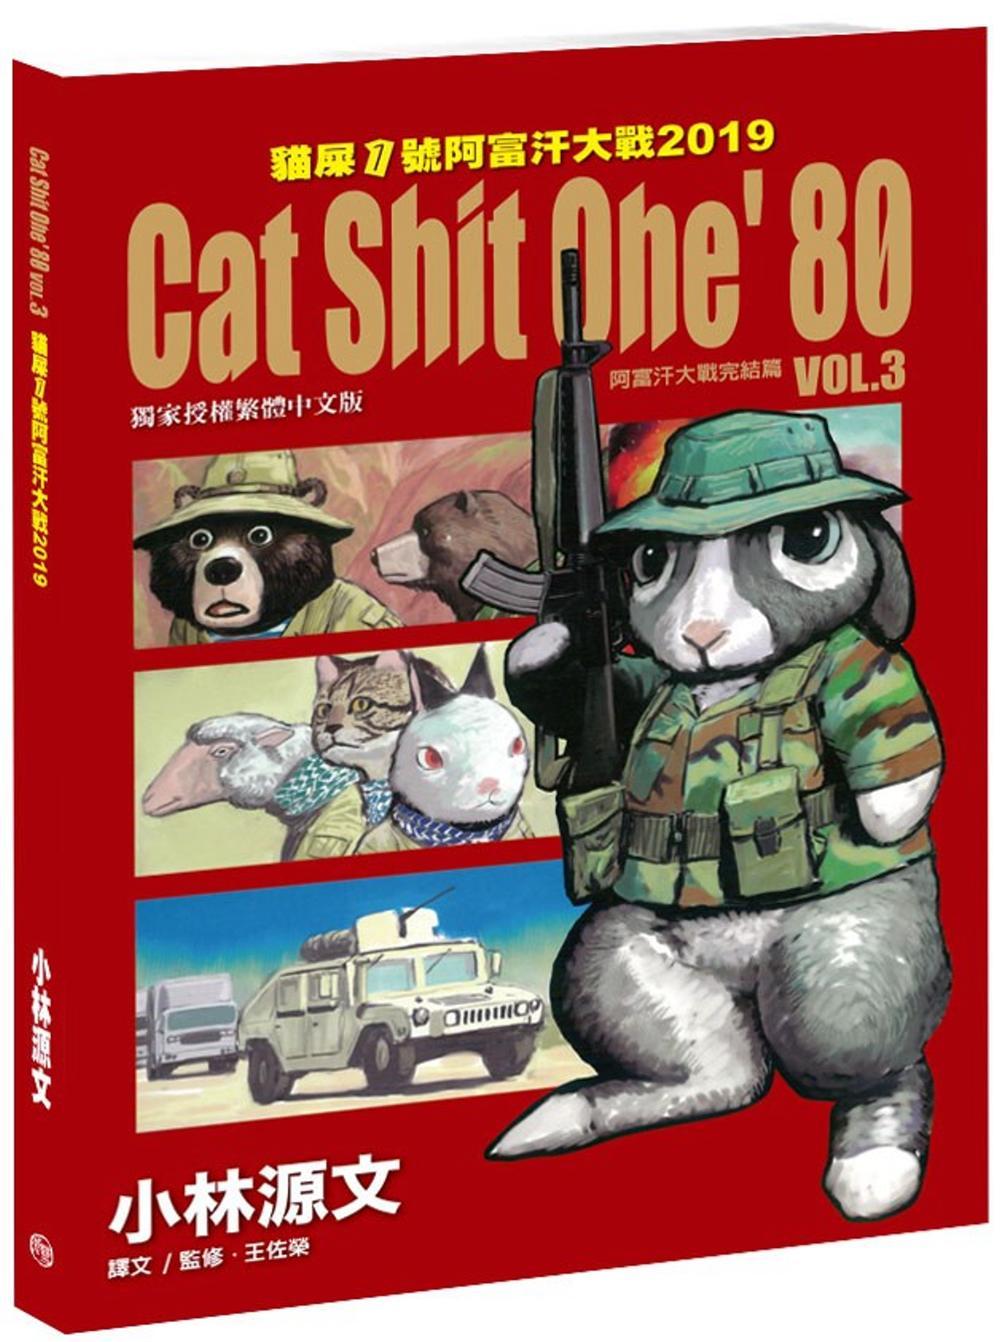 Cat Shit One'80 VOL.3 貓屎1號阿富汗大戰2019:阿富汗大戰完結篇(A4大開本)